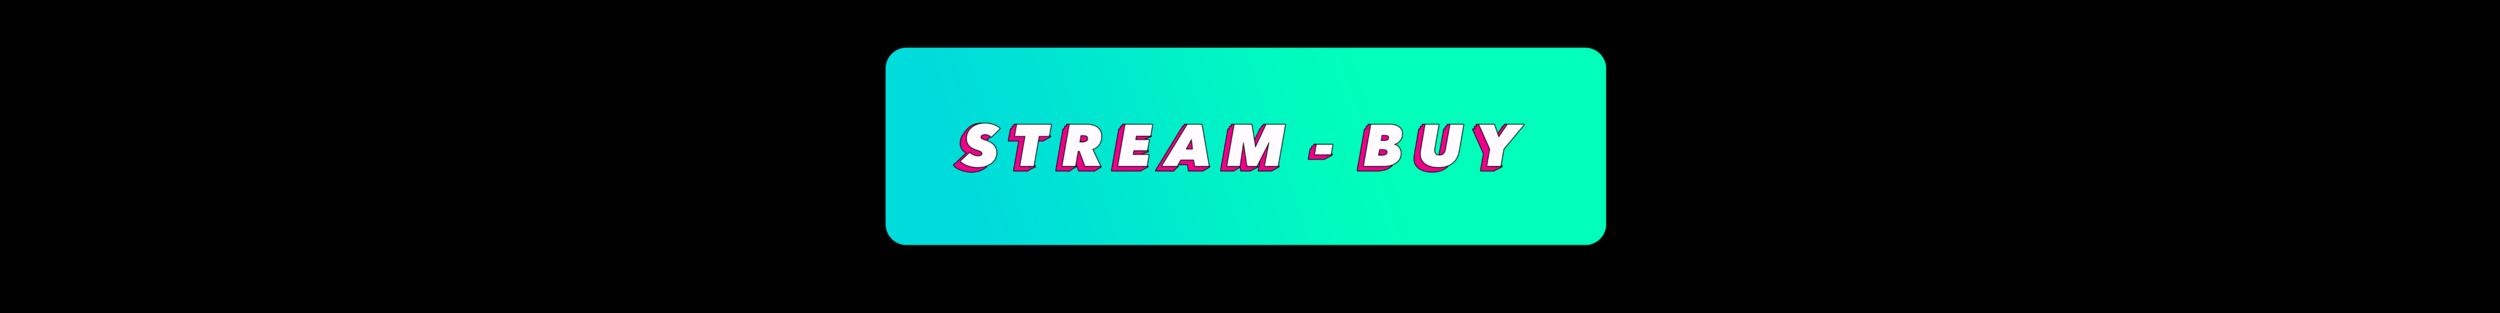 DIDI+-+Stream+Buy+3.png